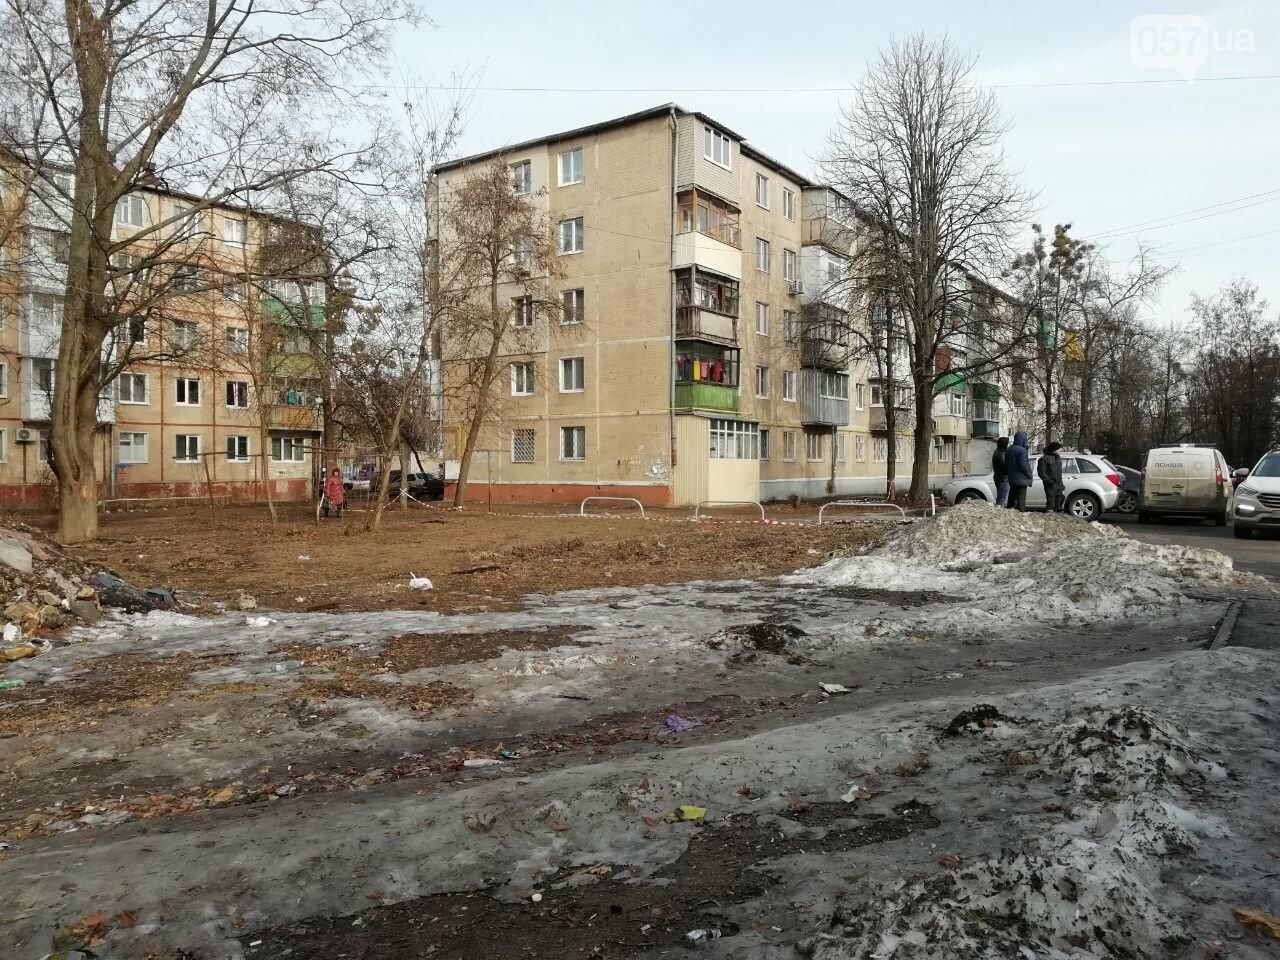 Выстрелы возле дома и неизвестные в масках: что рассказали жители о стрельбе на Московском проспекте, - ФОТО, фото-9